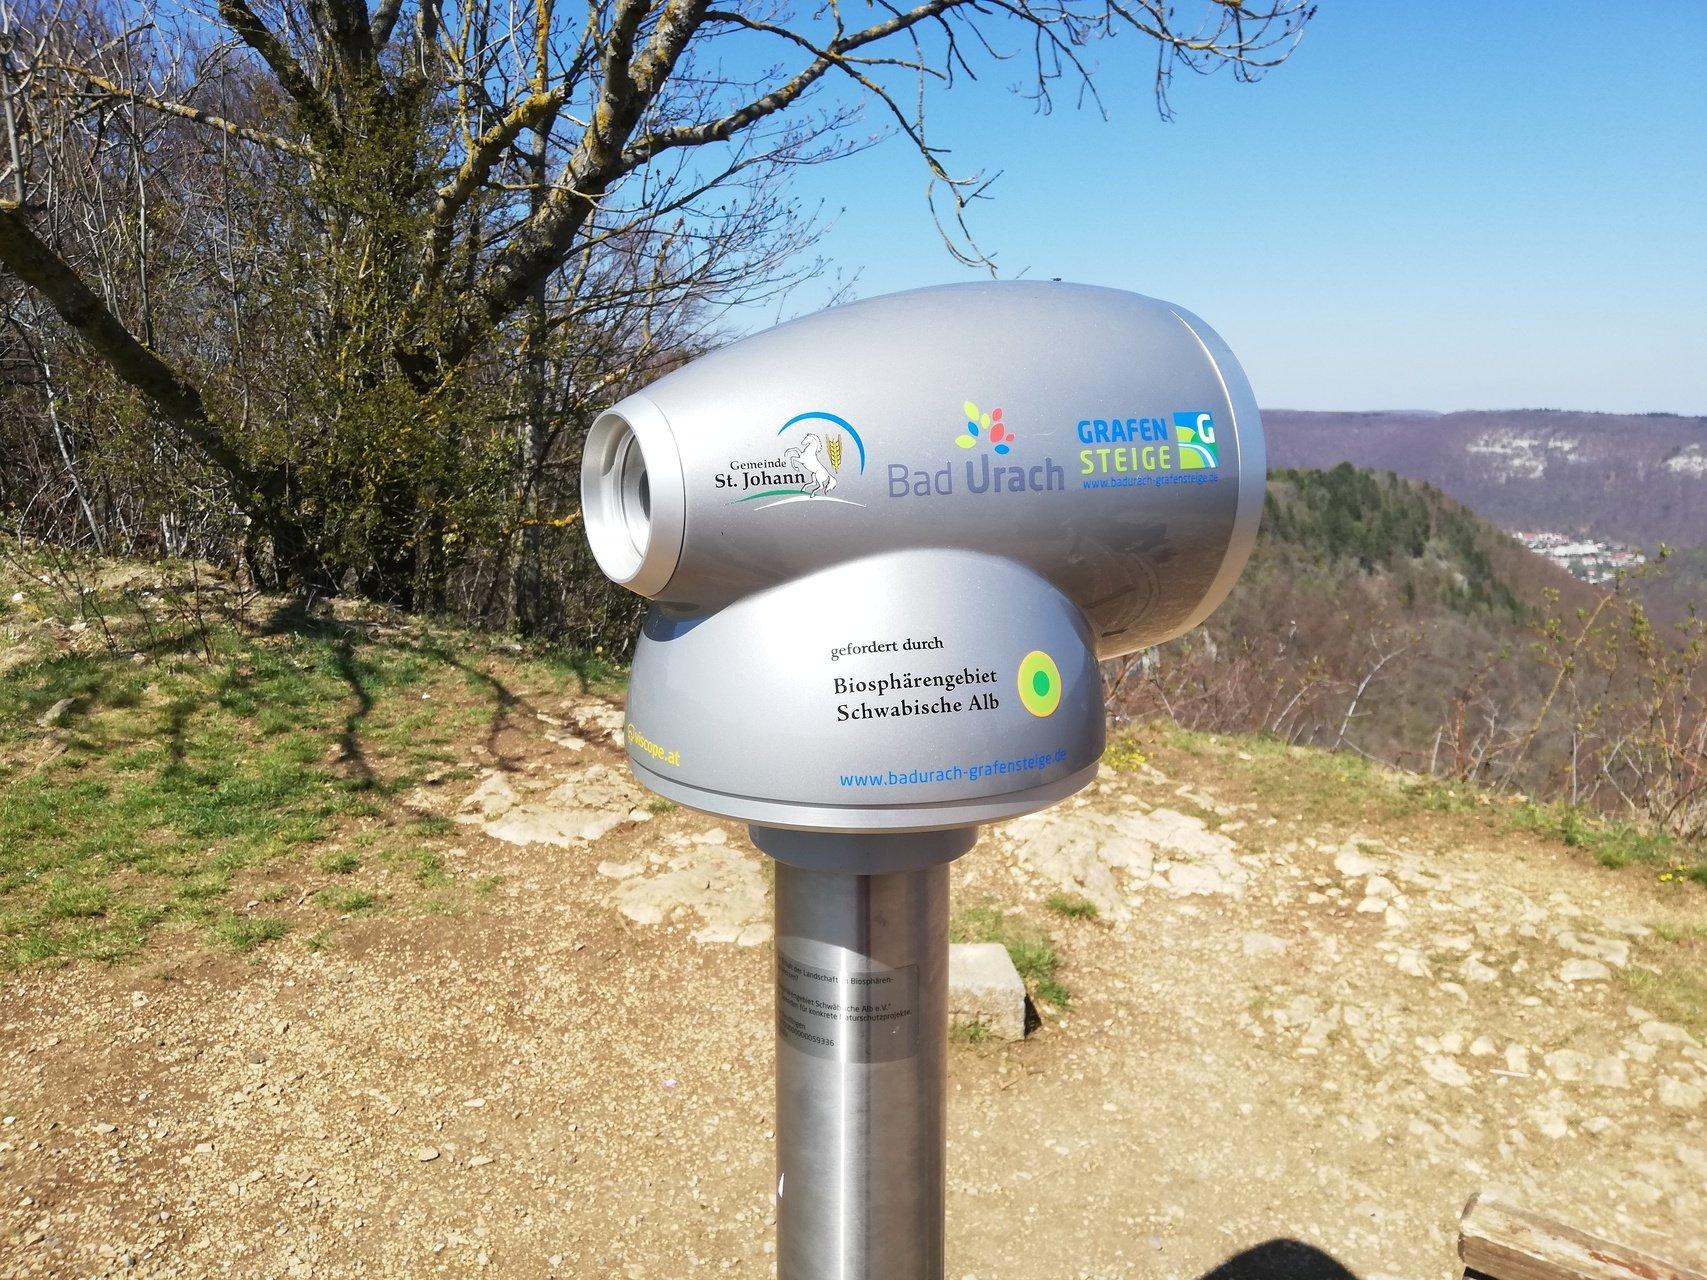 ein silbernes Erklär-Fernrohr auf einem Aussichtspunkt